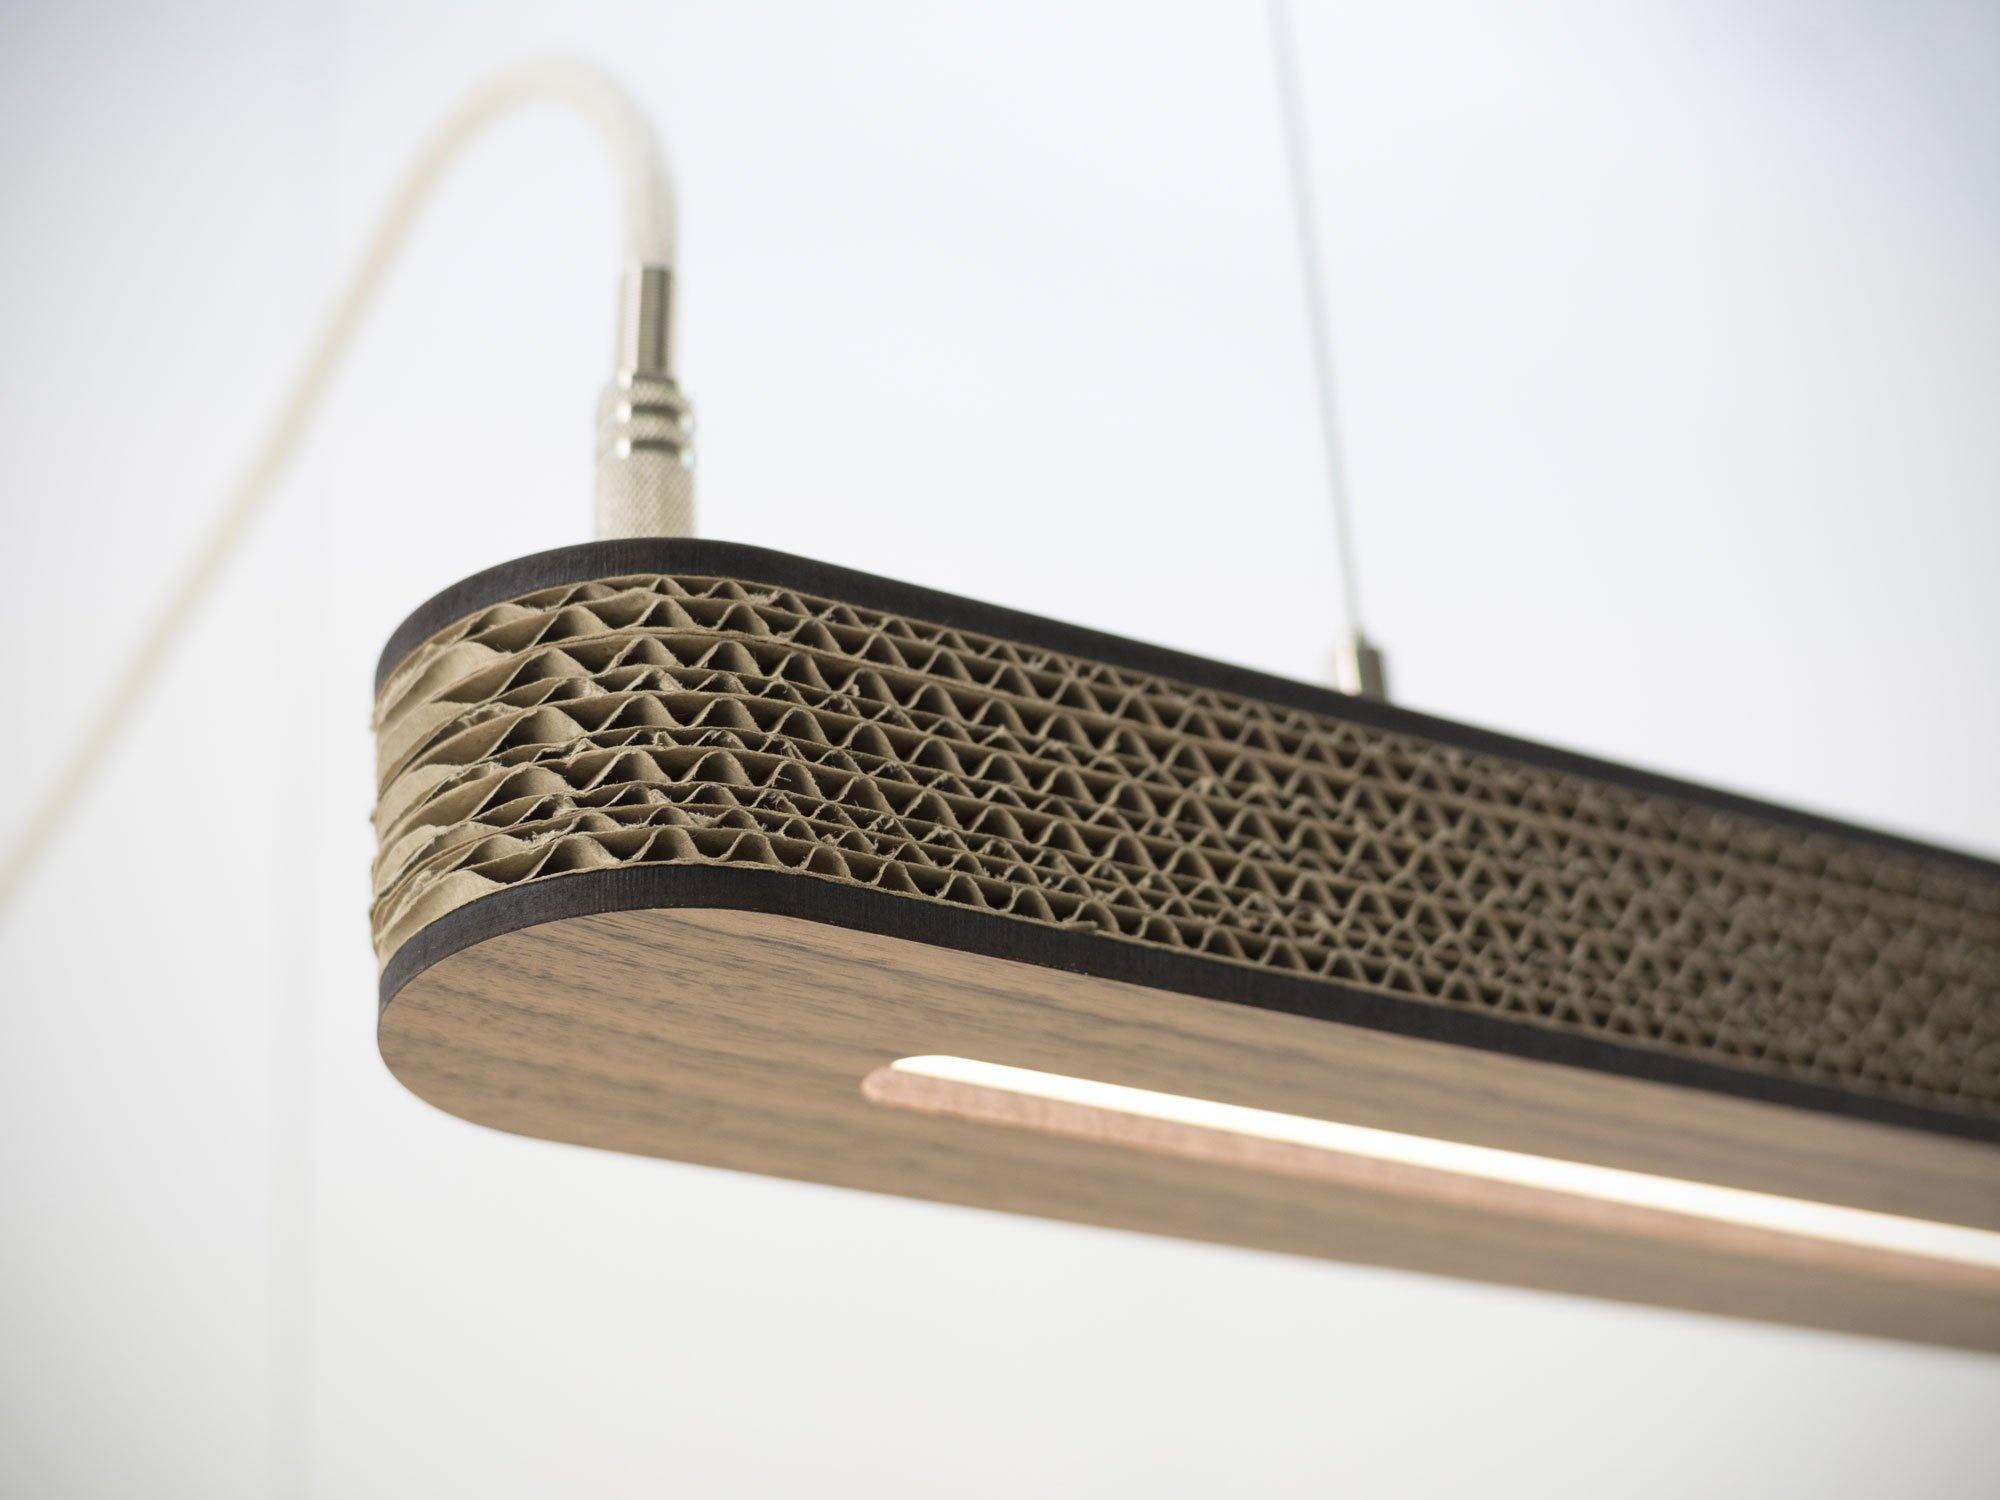 cardboard-lamp-design-4